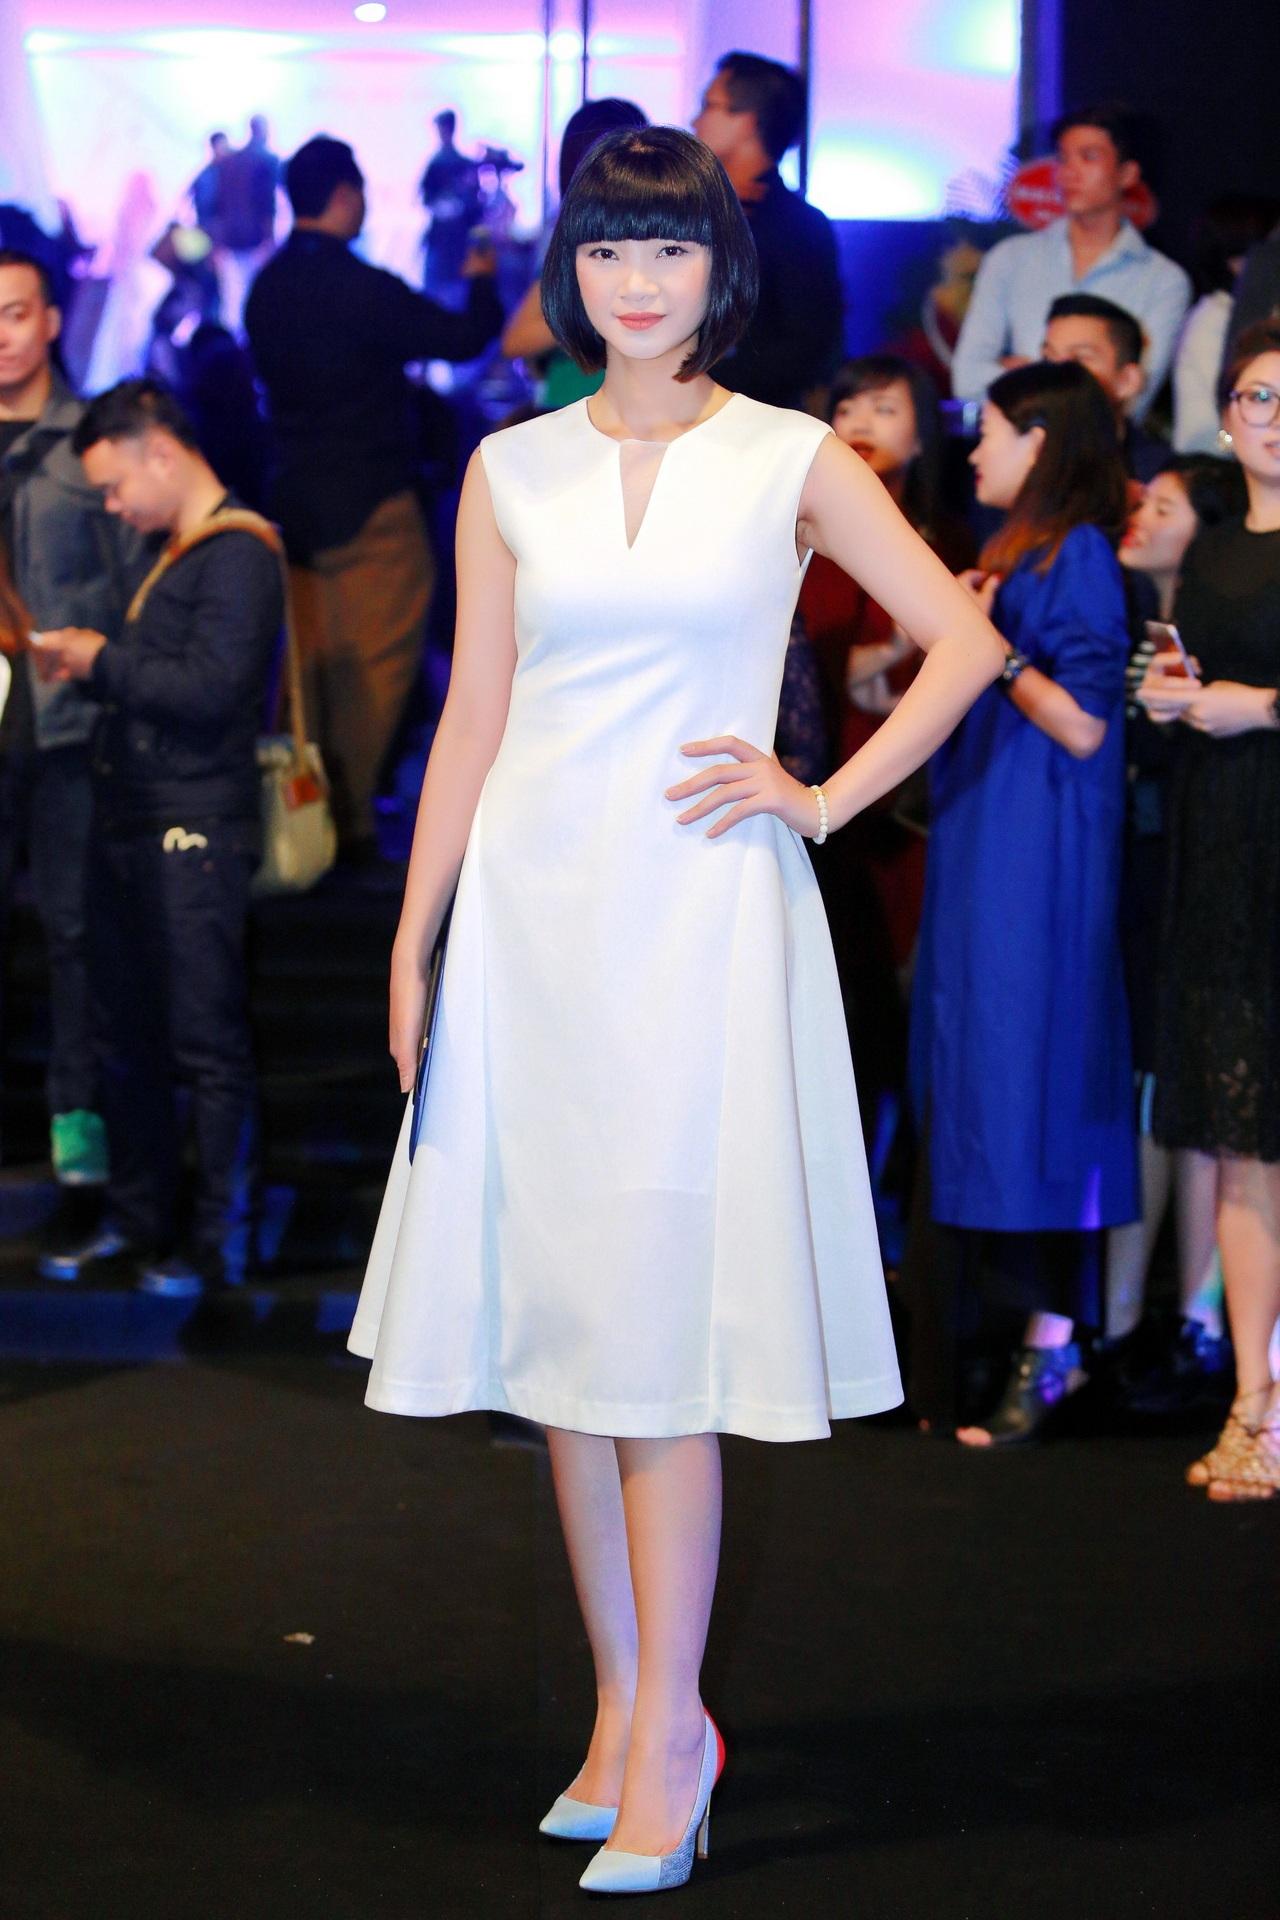 Siêu mẫu Hạ Vy thanh thoát với đầm trắng.